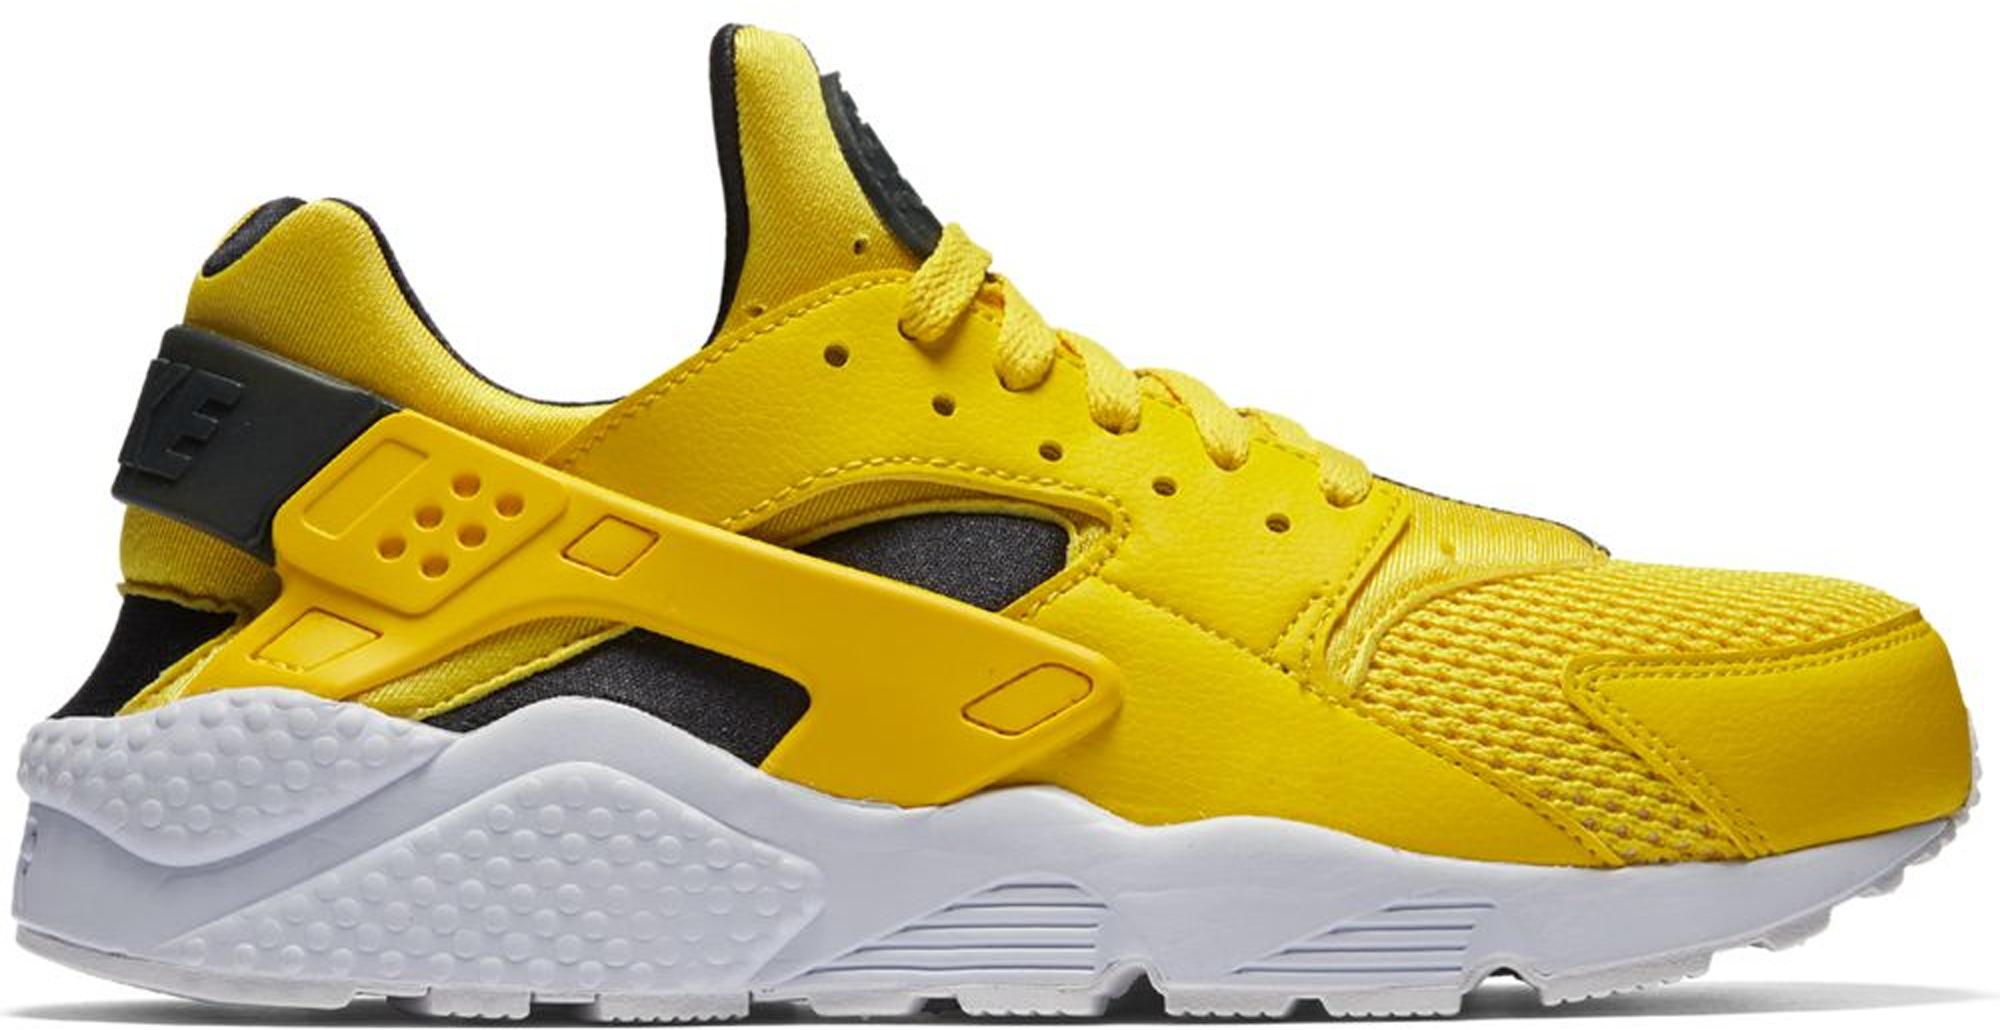 Nike Air Huarache Run Tour Yellow